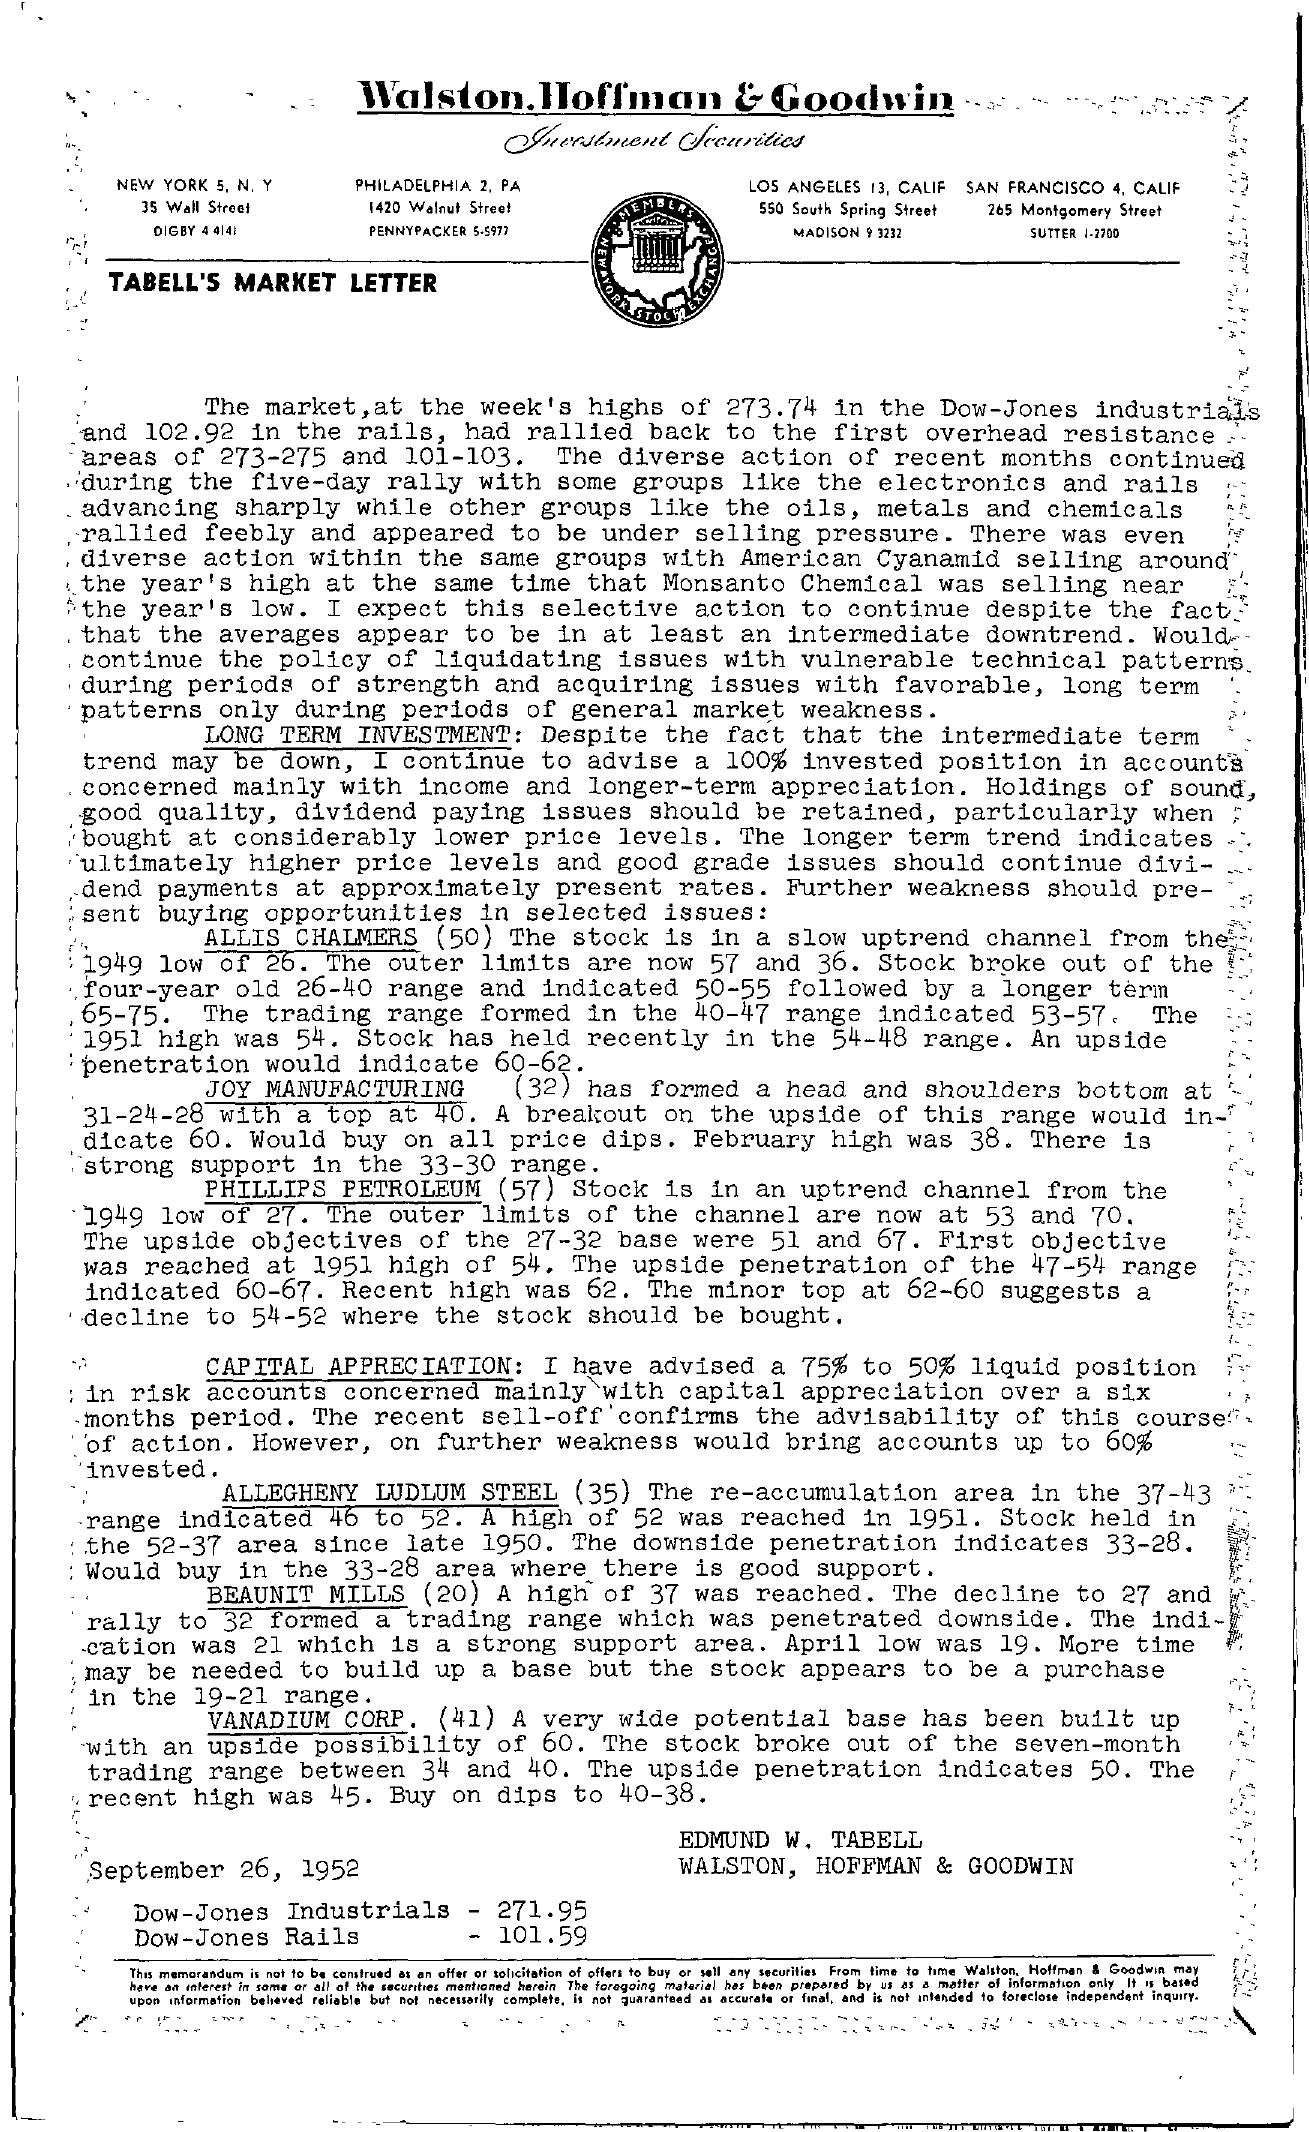 Tabell's Market Letter - September 26, 1952